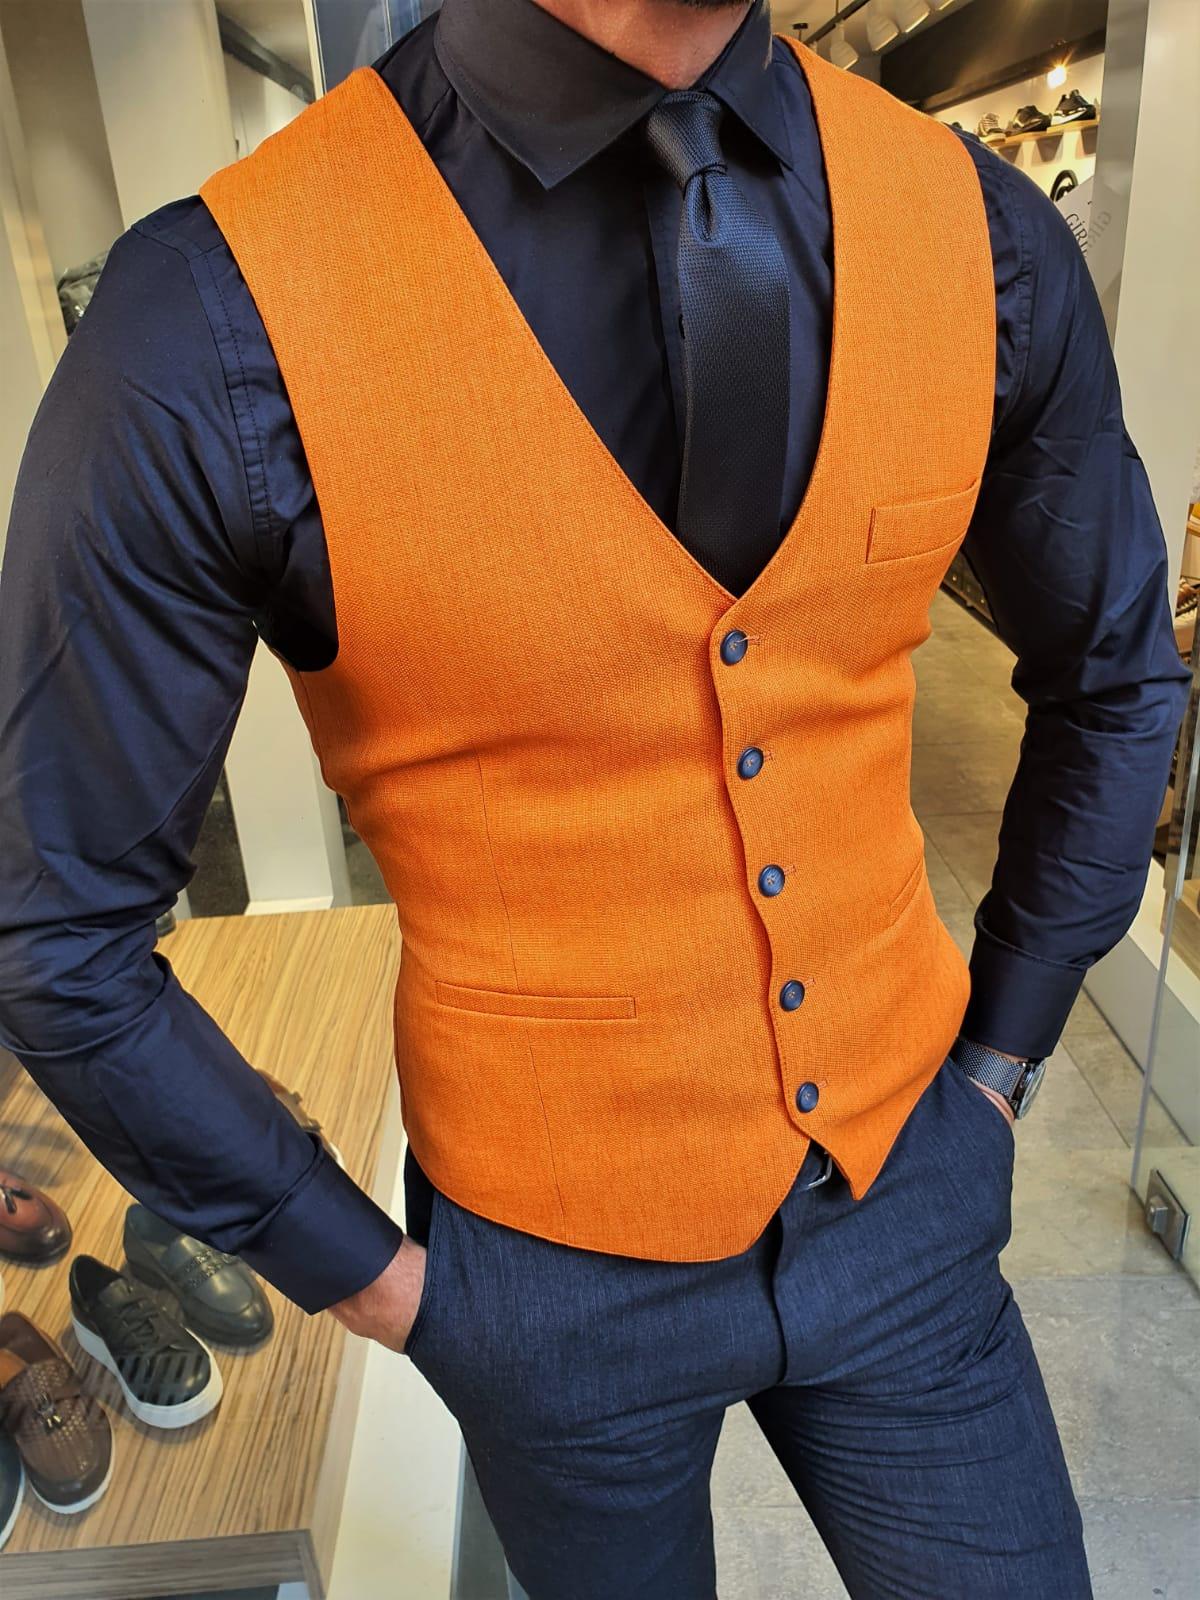 222 Vintage Vests - Folkwear